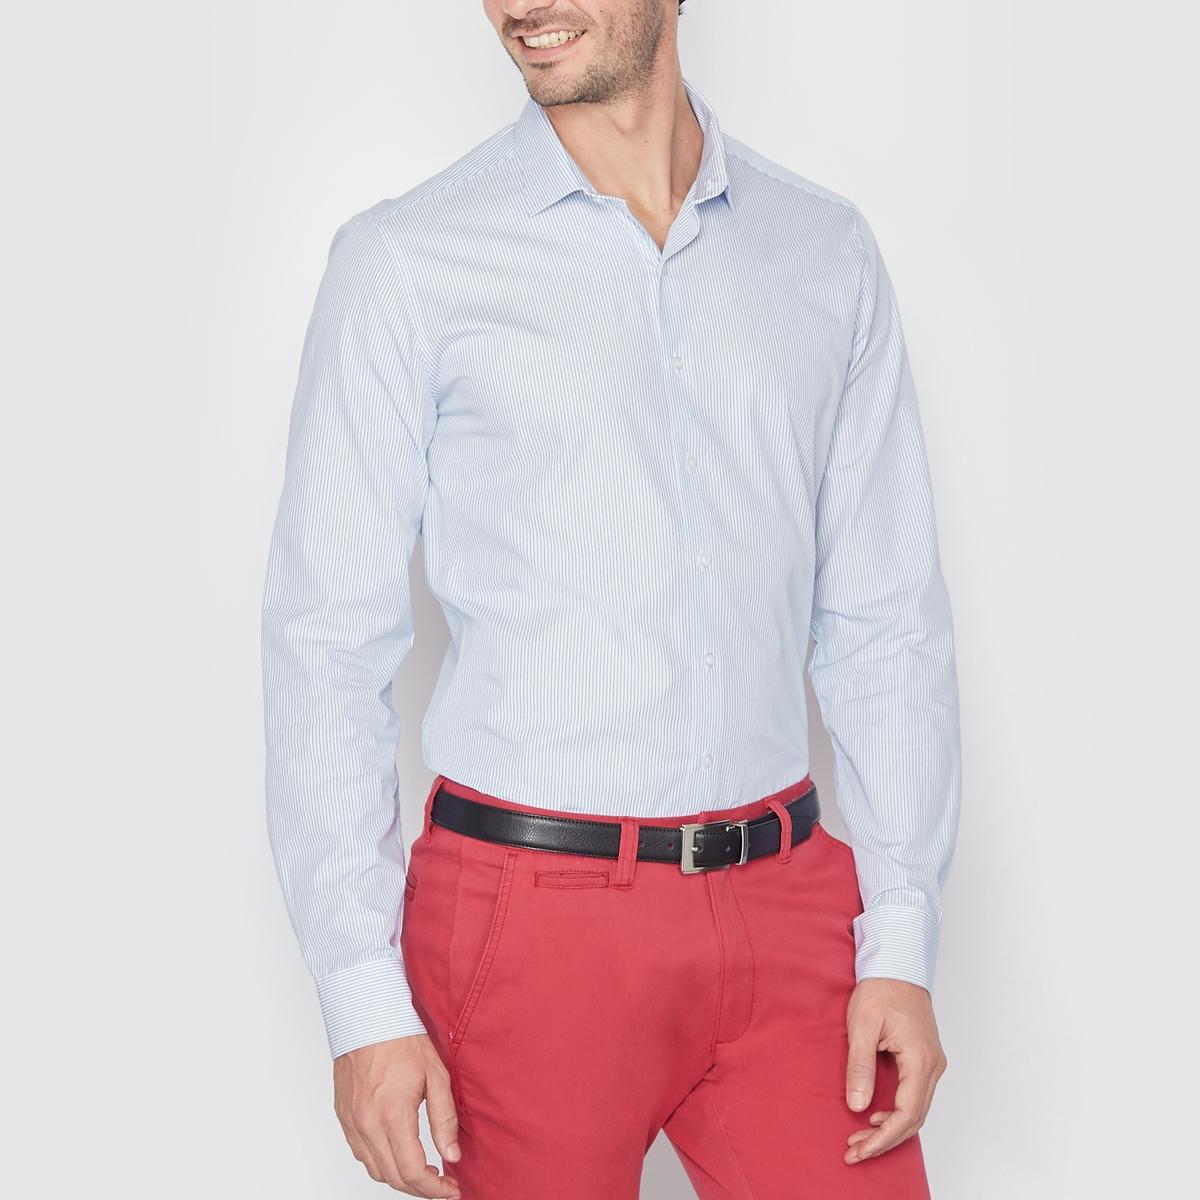 Рубашка в полоску из поплина, узкого покроя. Длинные рукава